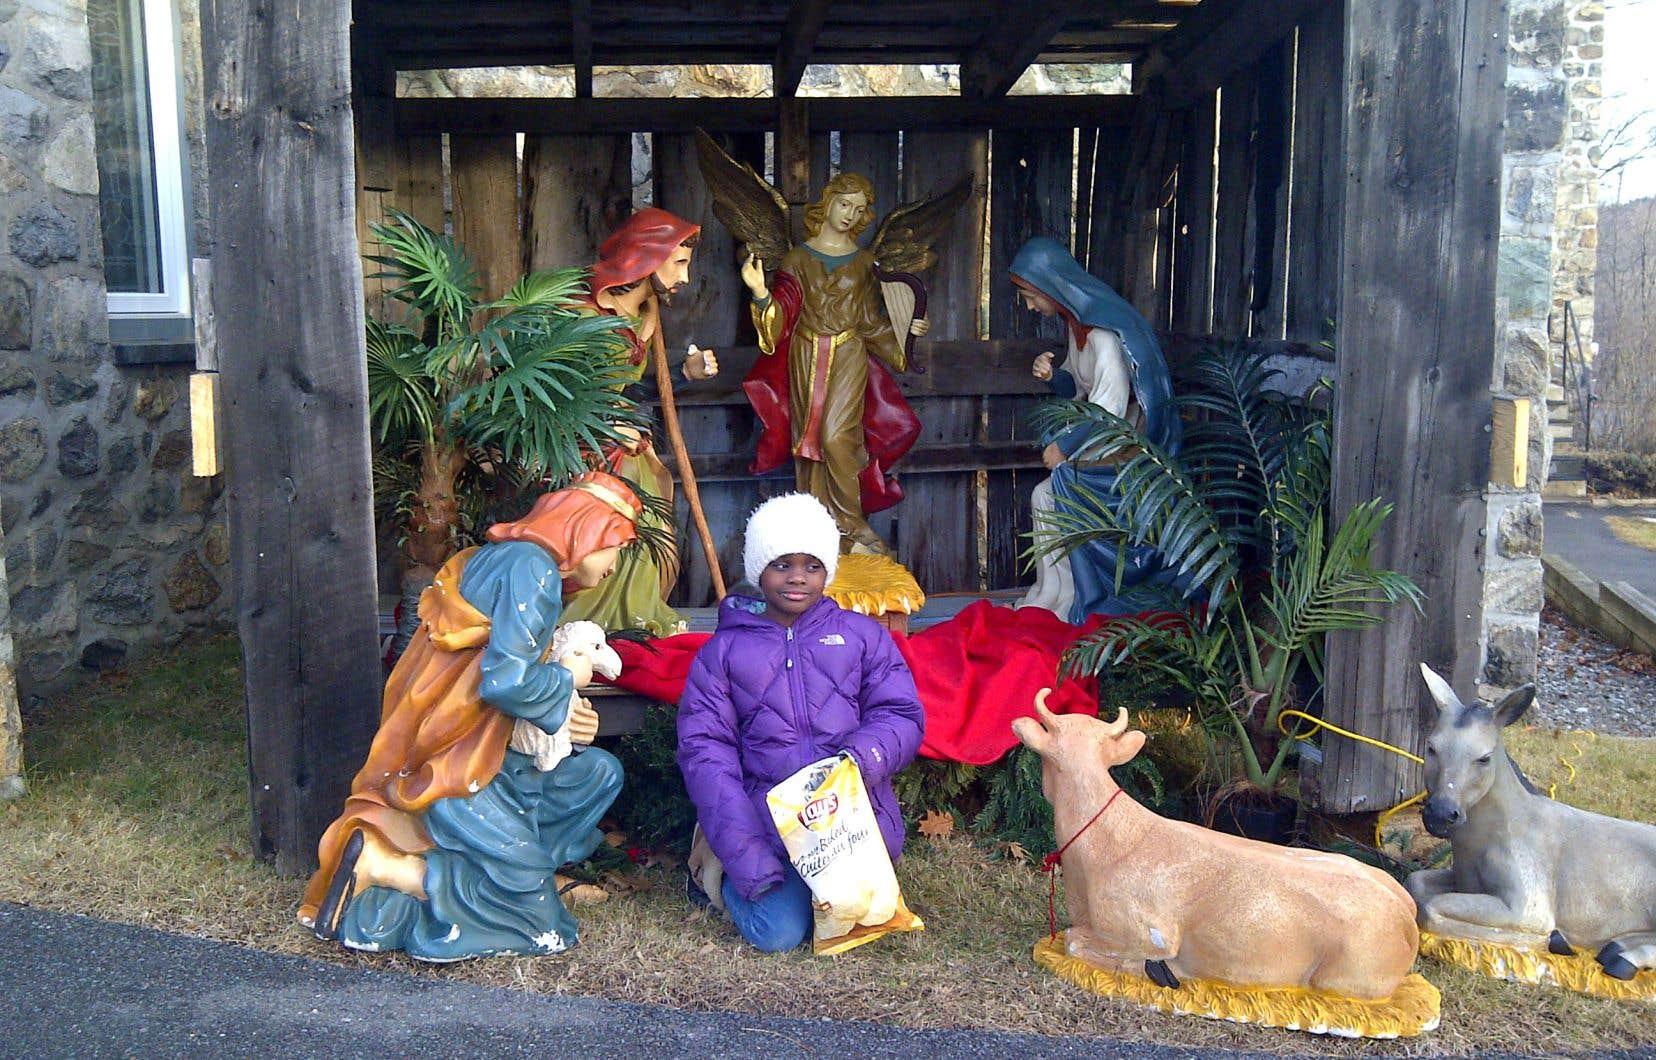 Magalie avait l'habitude de profiter des visites dans la famille de son beau-père, à la campagne, pour s'amuser dans la neige dès la mi-décembre. Mais cette année-là, rien n'allait comme prévu.